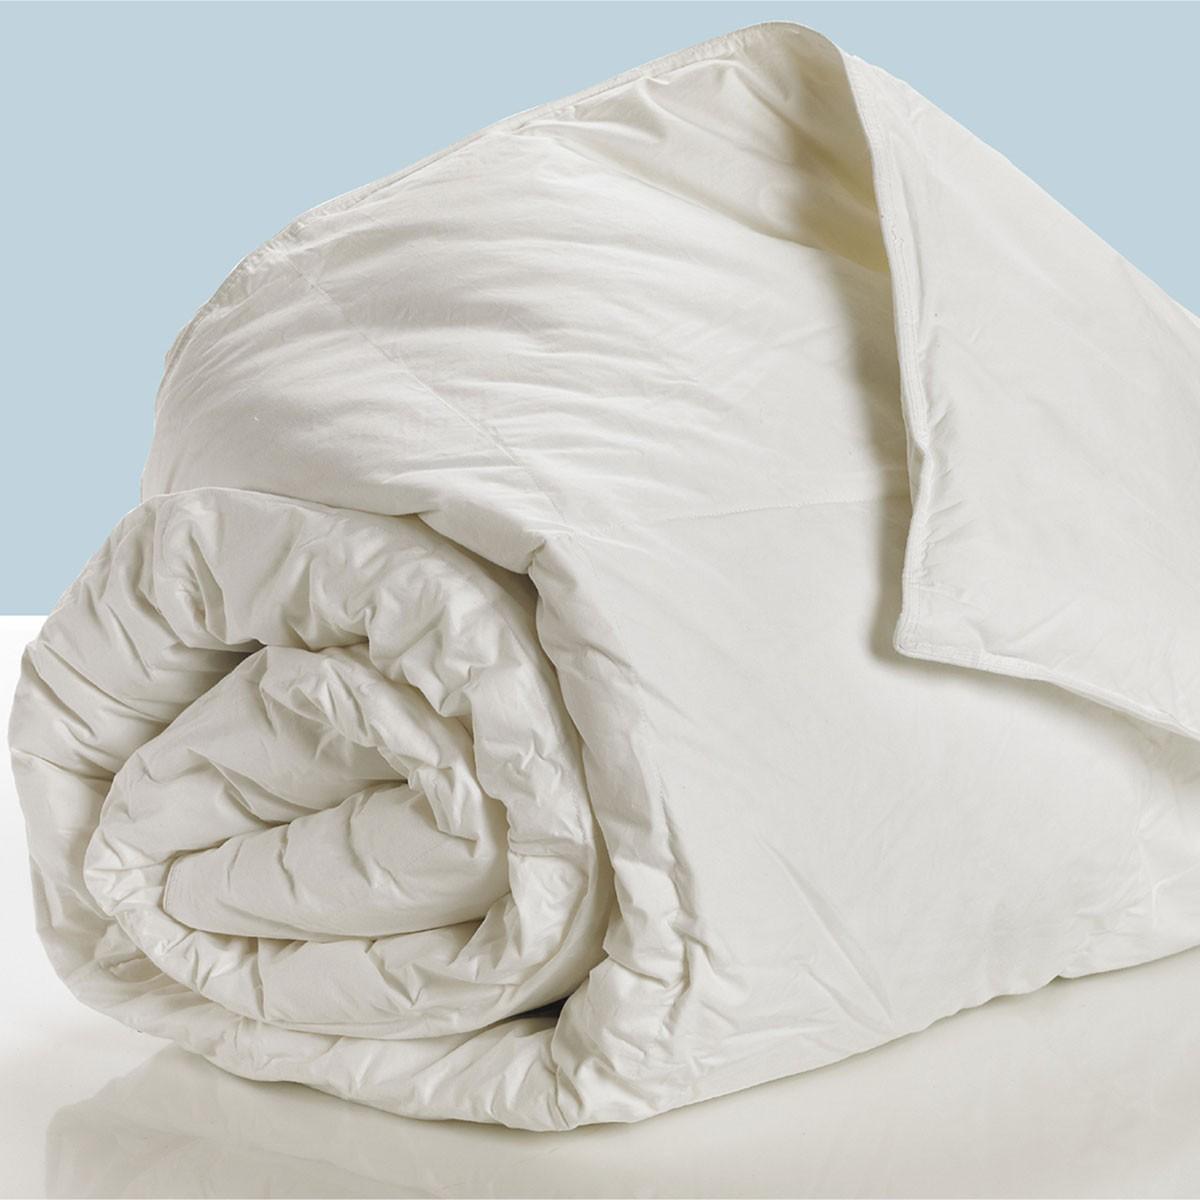 Πάπλωμα Υπέρδιπλο Palamaiki Eco Down Like home   κρεβατοκάμαρα   παπλώματα   παπλώματα λευκά